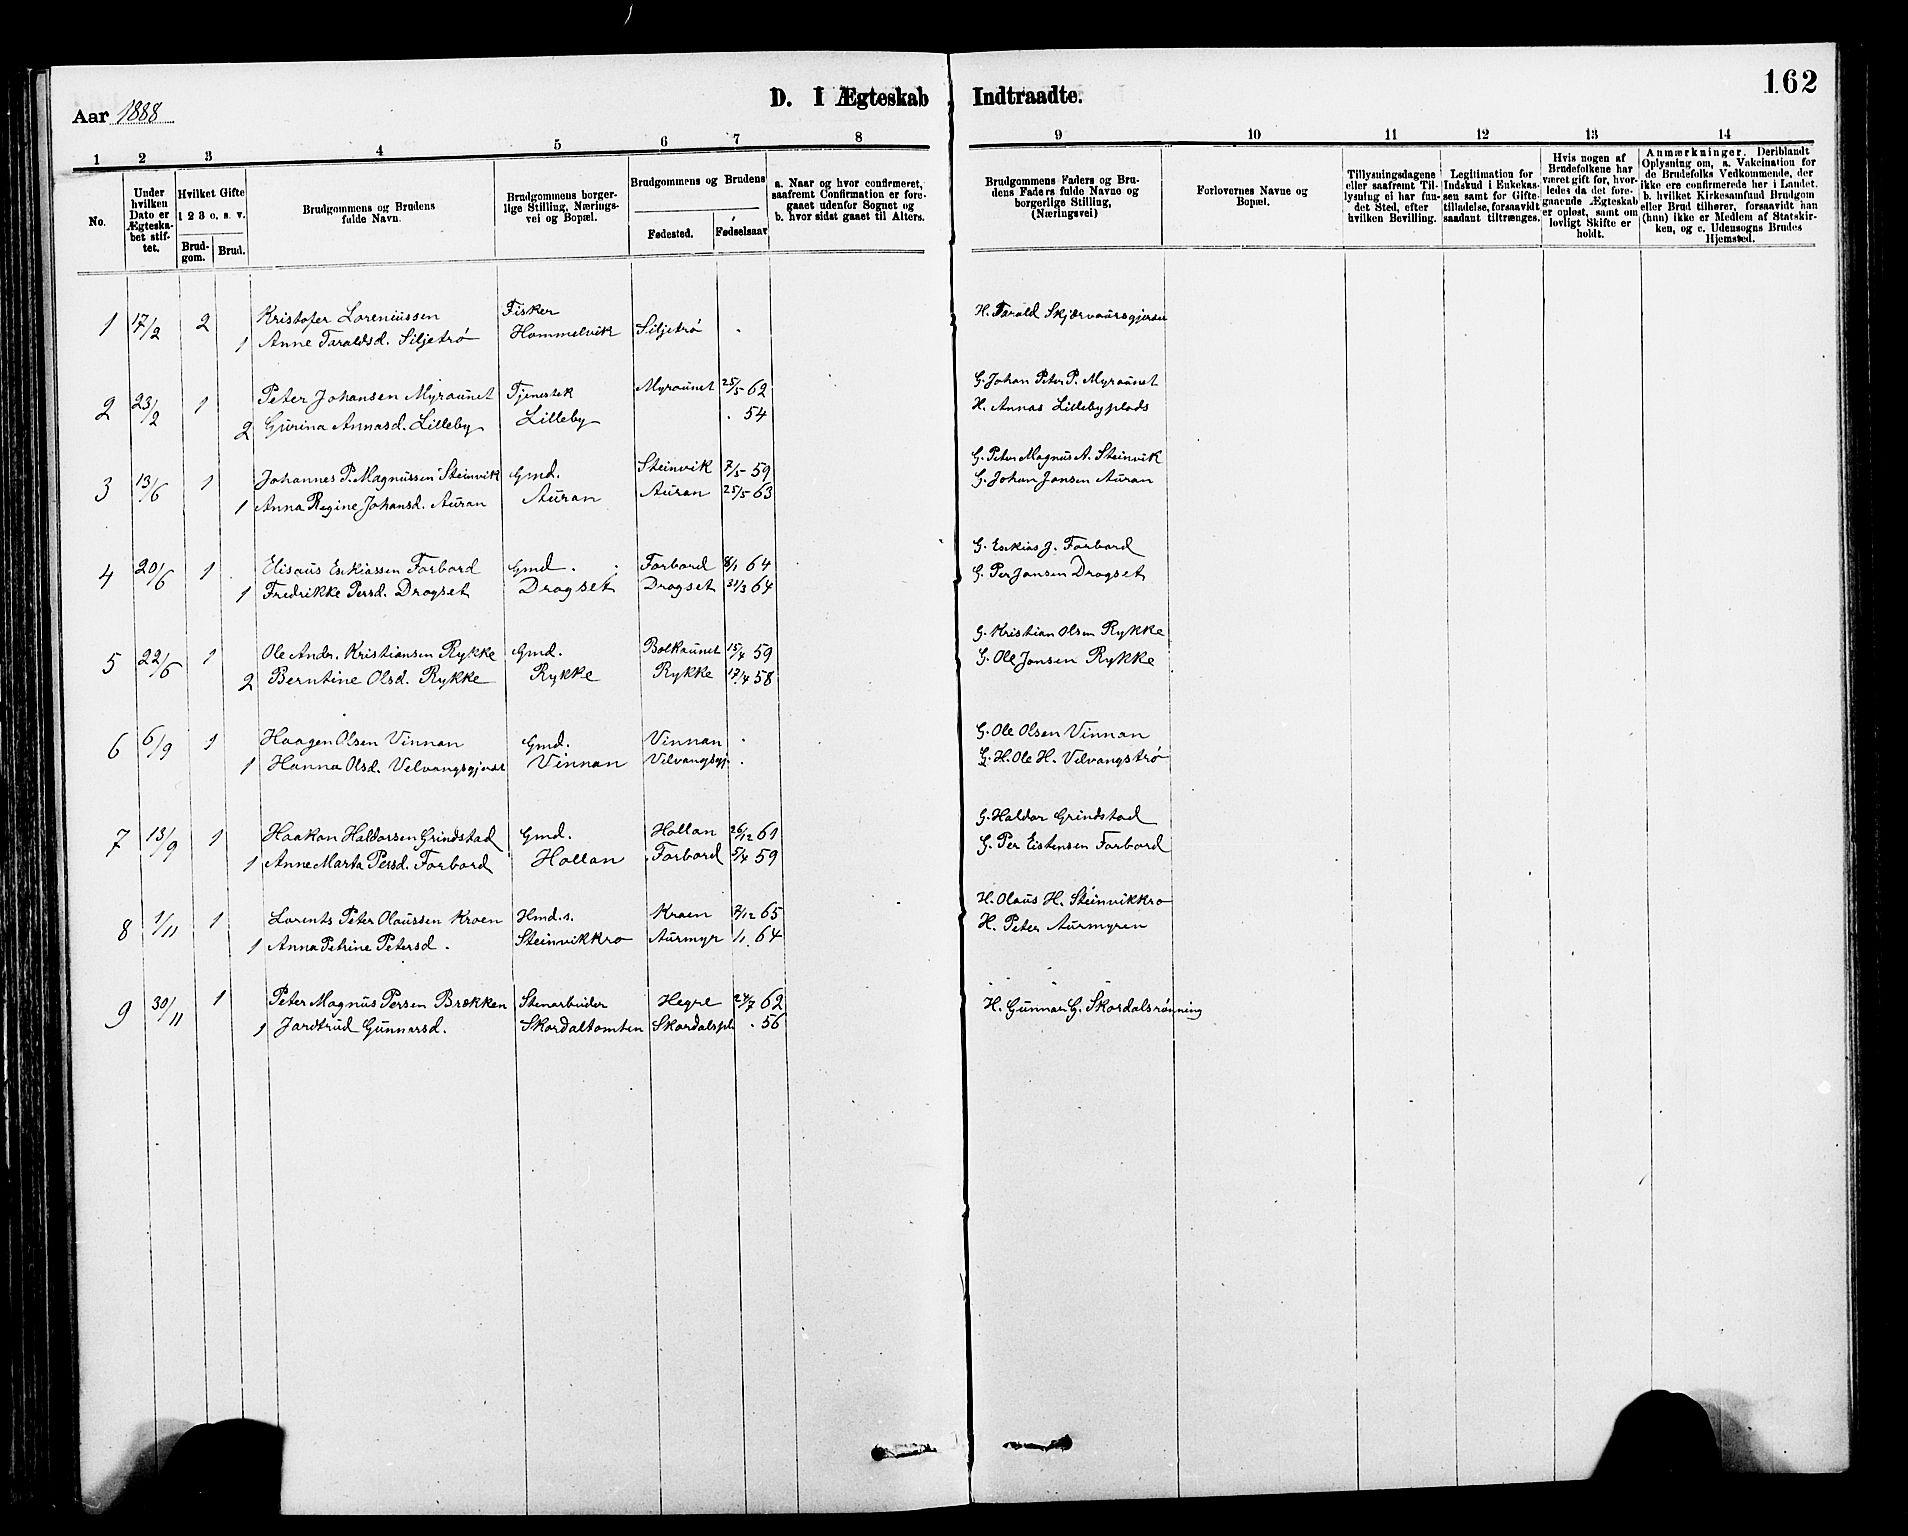 SAT, Ministerialprotokoller, klokkerbøker og fødselsregistre - Nord-Trøndelag, 712/L0103: Klokkerbok nr. 712C01, 1878-1917, s. 162